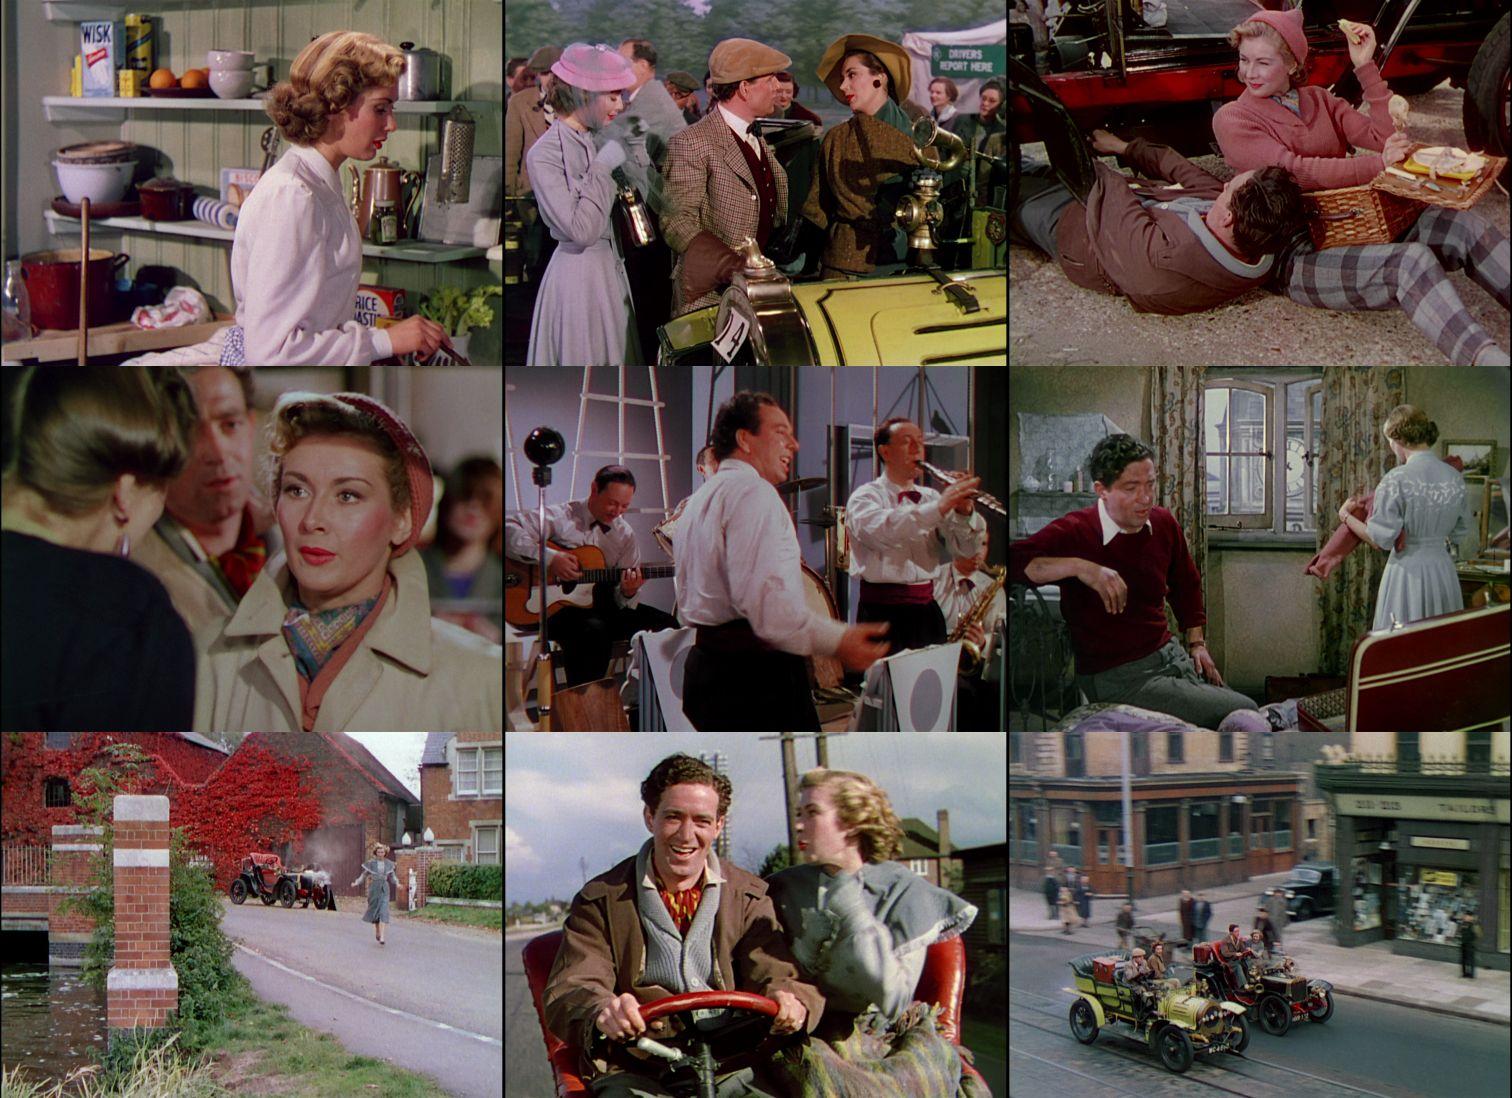 悠悠MP4_MP4电影下载_老爷车/吉纳维芙 Genevieve.1953.1080p.BluRay.x264-PSYCHD 8.75GB